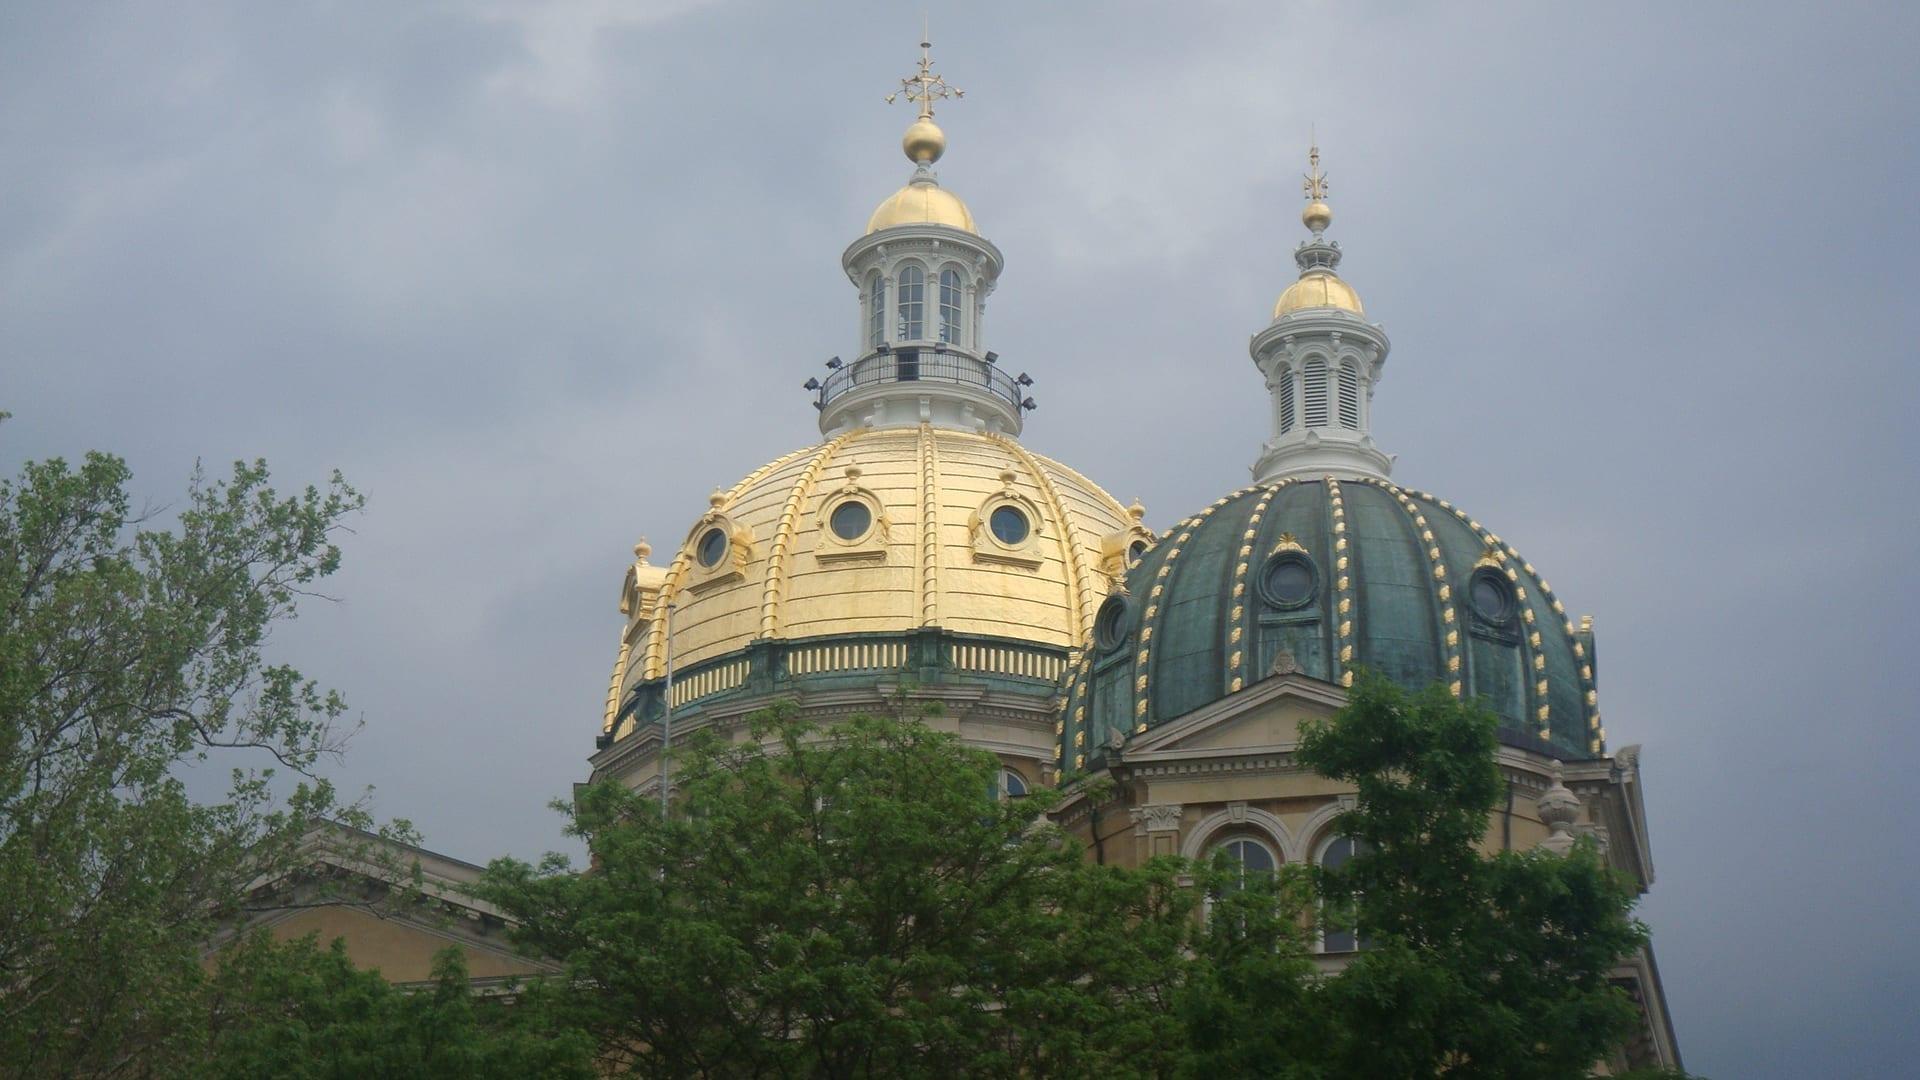 Incluso en un día nublado, dos de las cúpulas del capitolio siguen brillando Des Moines (Iowa) Estados Unidos